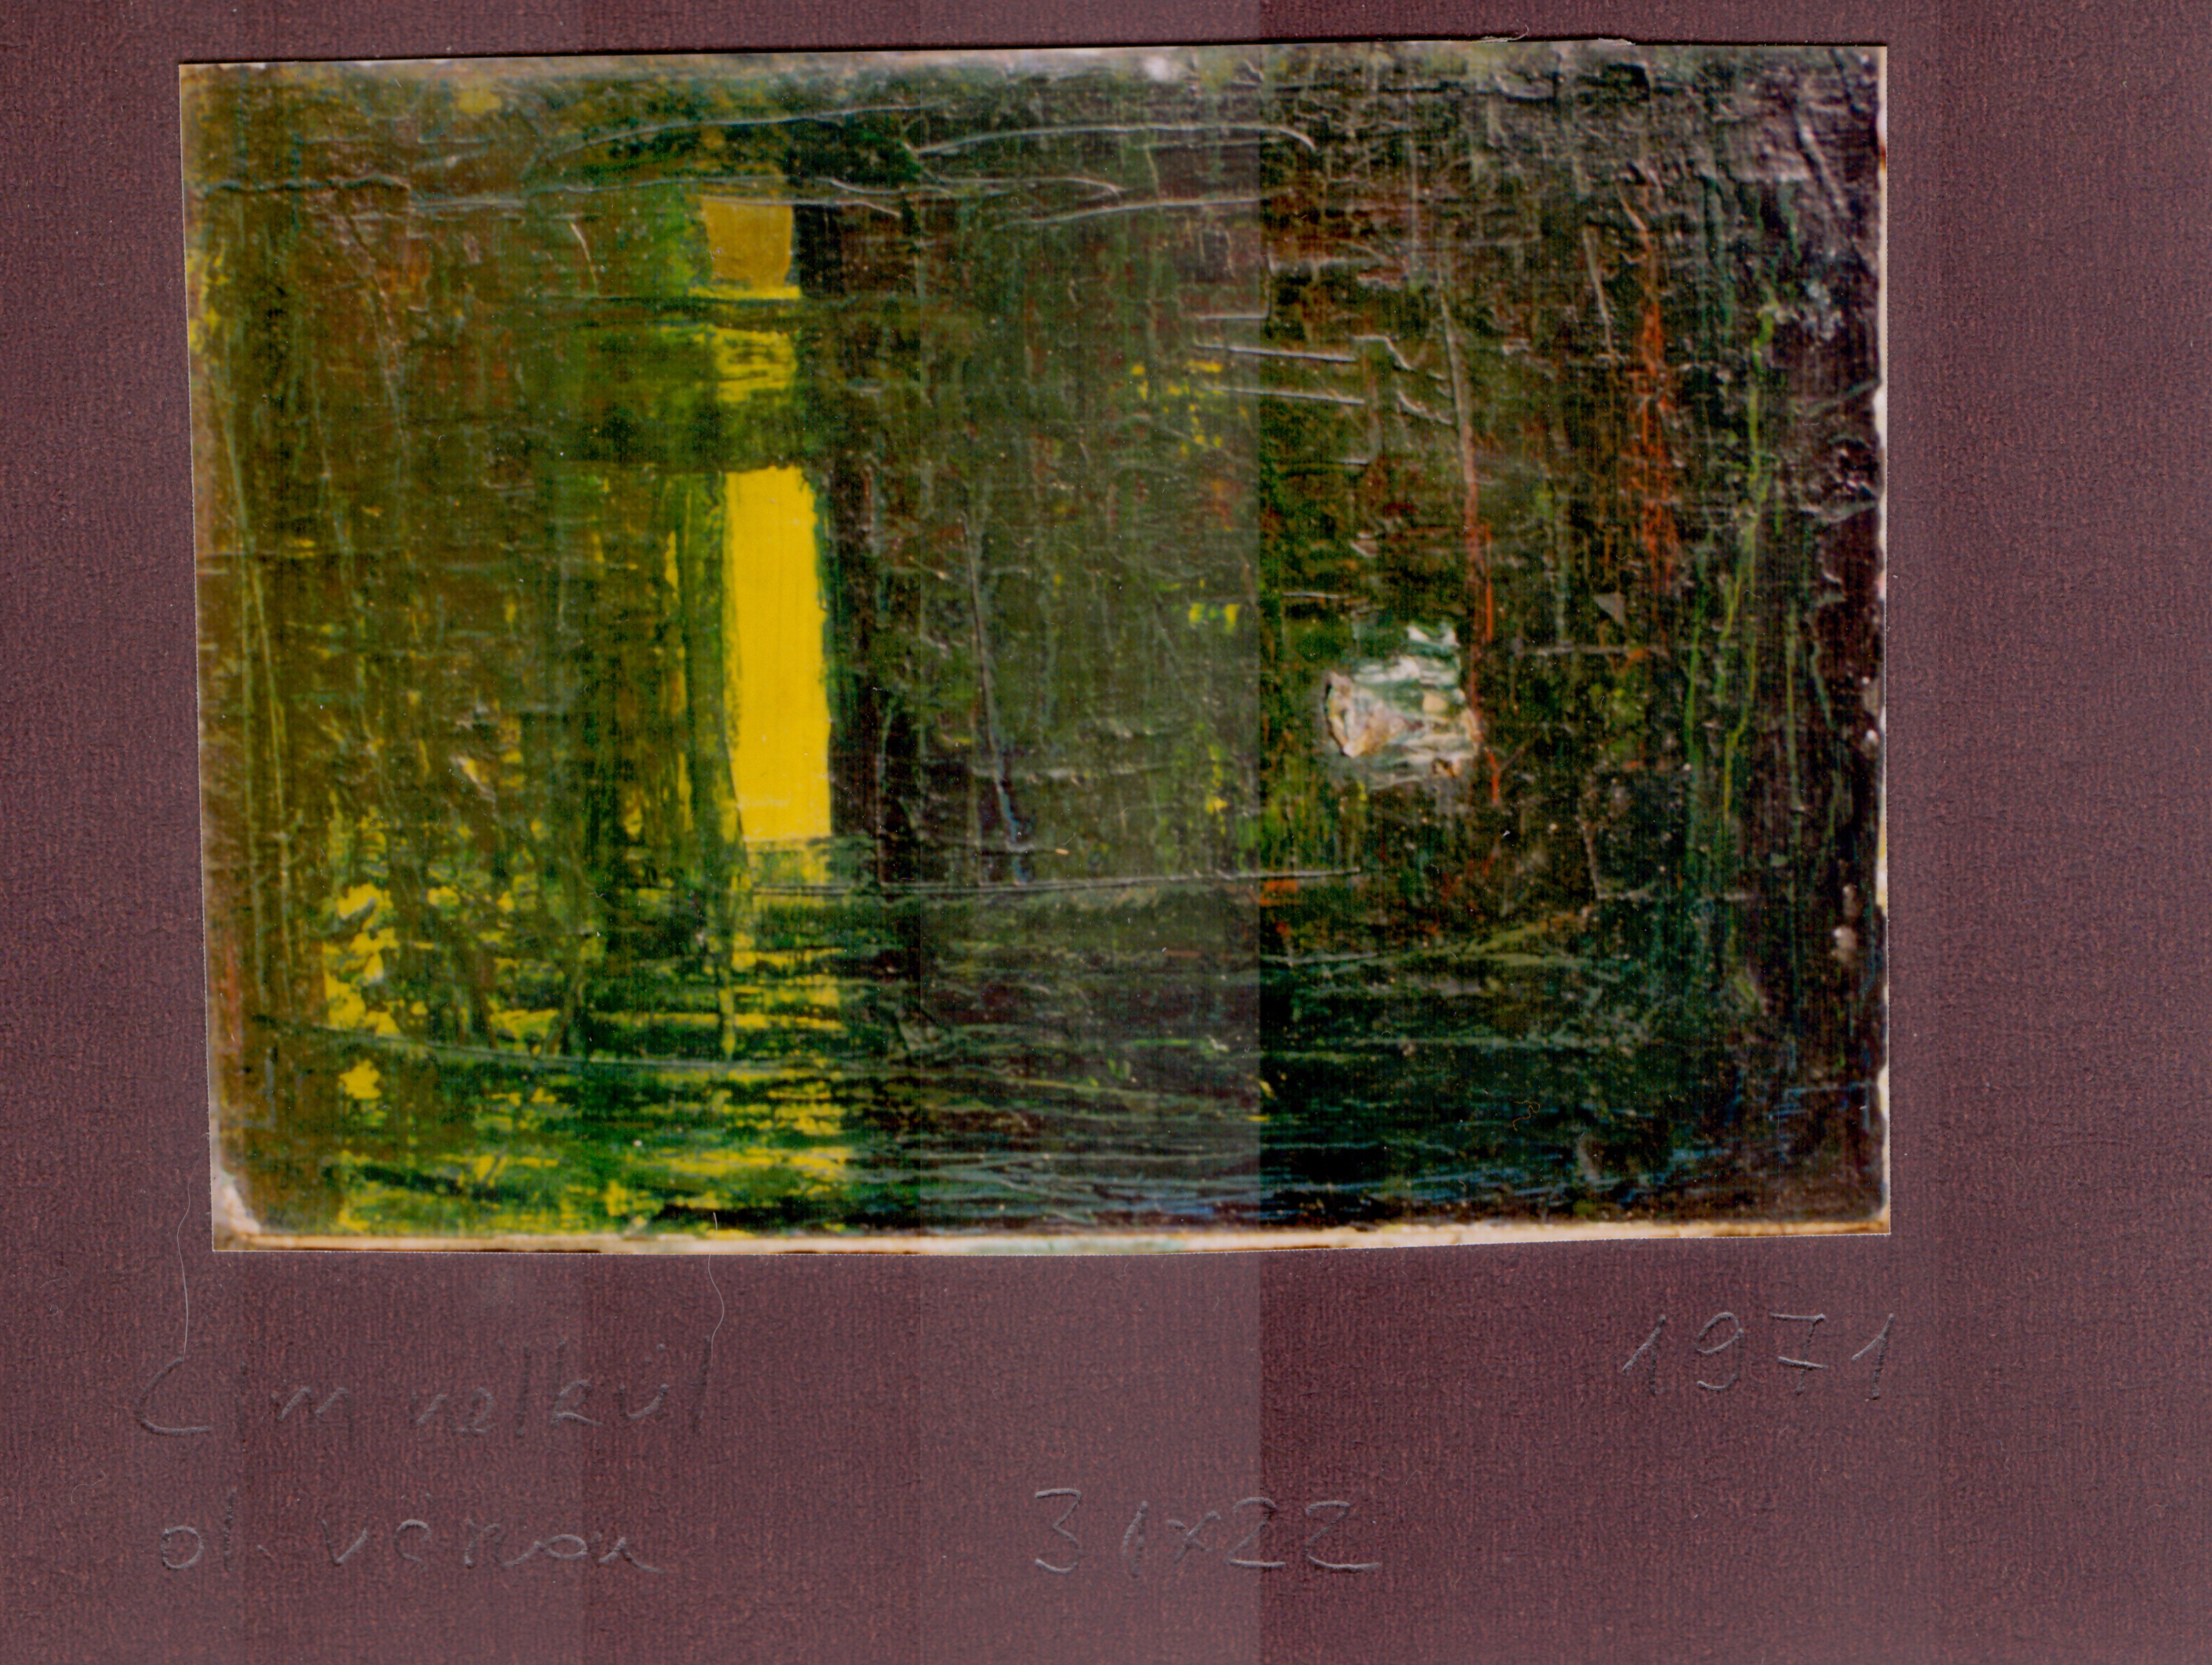 Ősi László Cím nélkül (Rejtély?) 1971(?) olaj vászon 22x31cm (Első nonfiguráció)